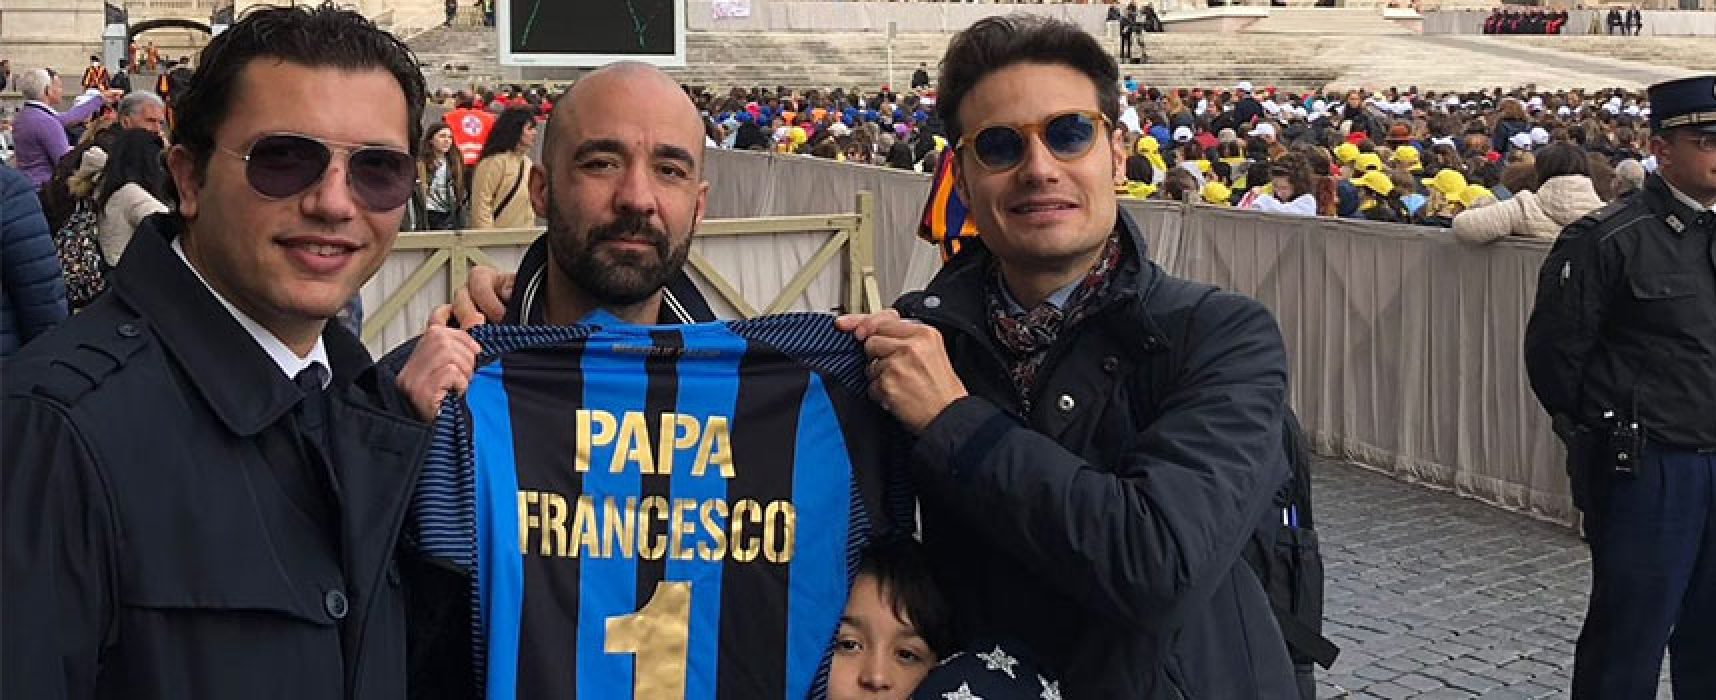 Bisceglie calcio in udienza da Papa Francesco, donata maglia personalizzata